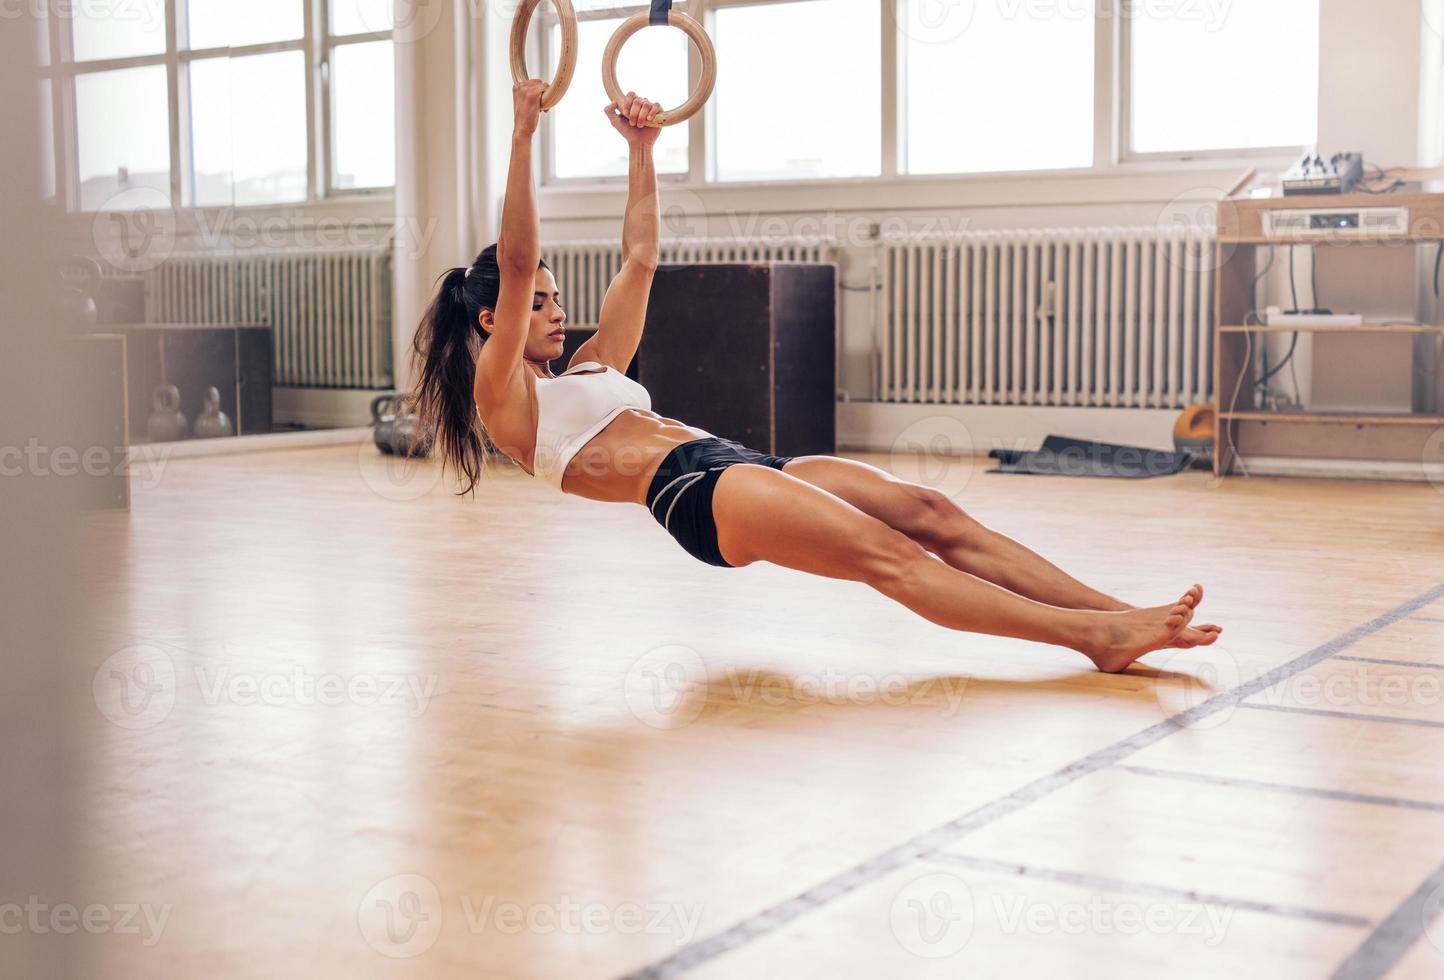 joven fit mujer tirando de anillos de gimnasia foto